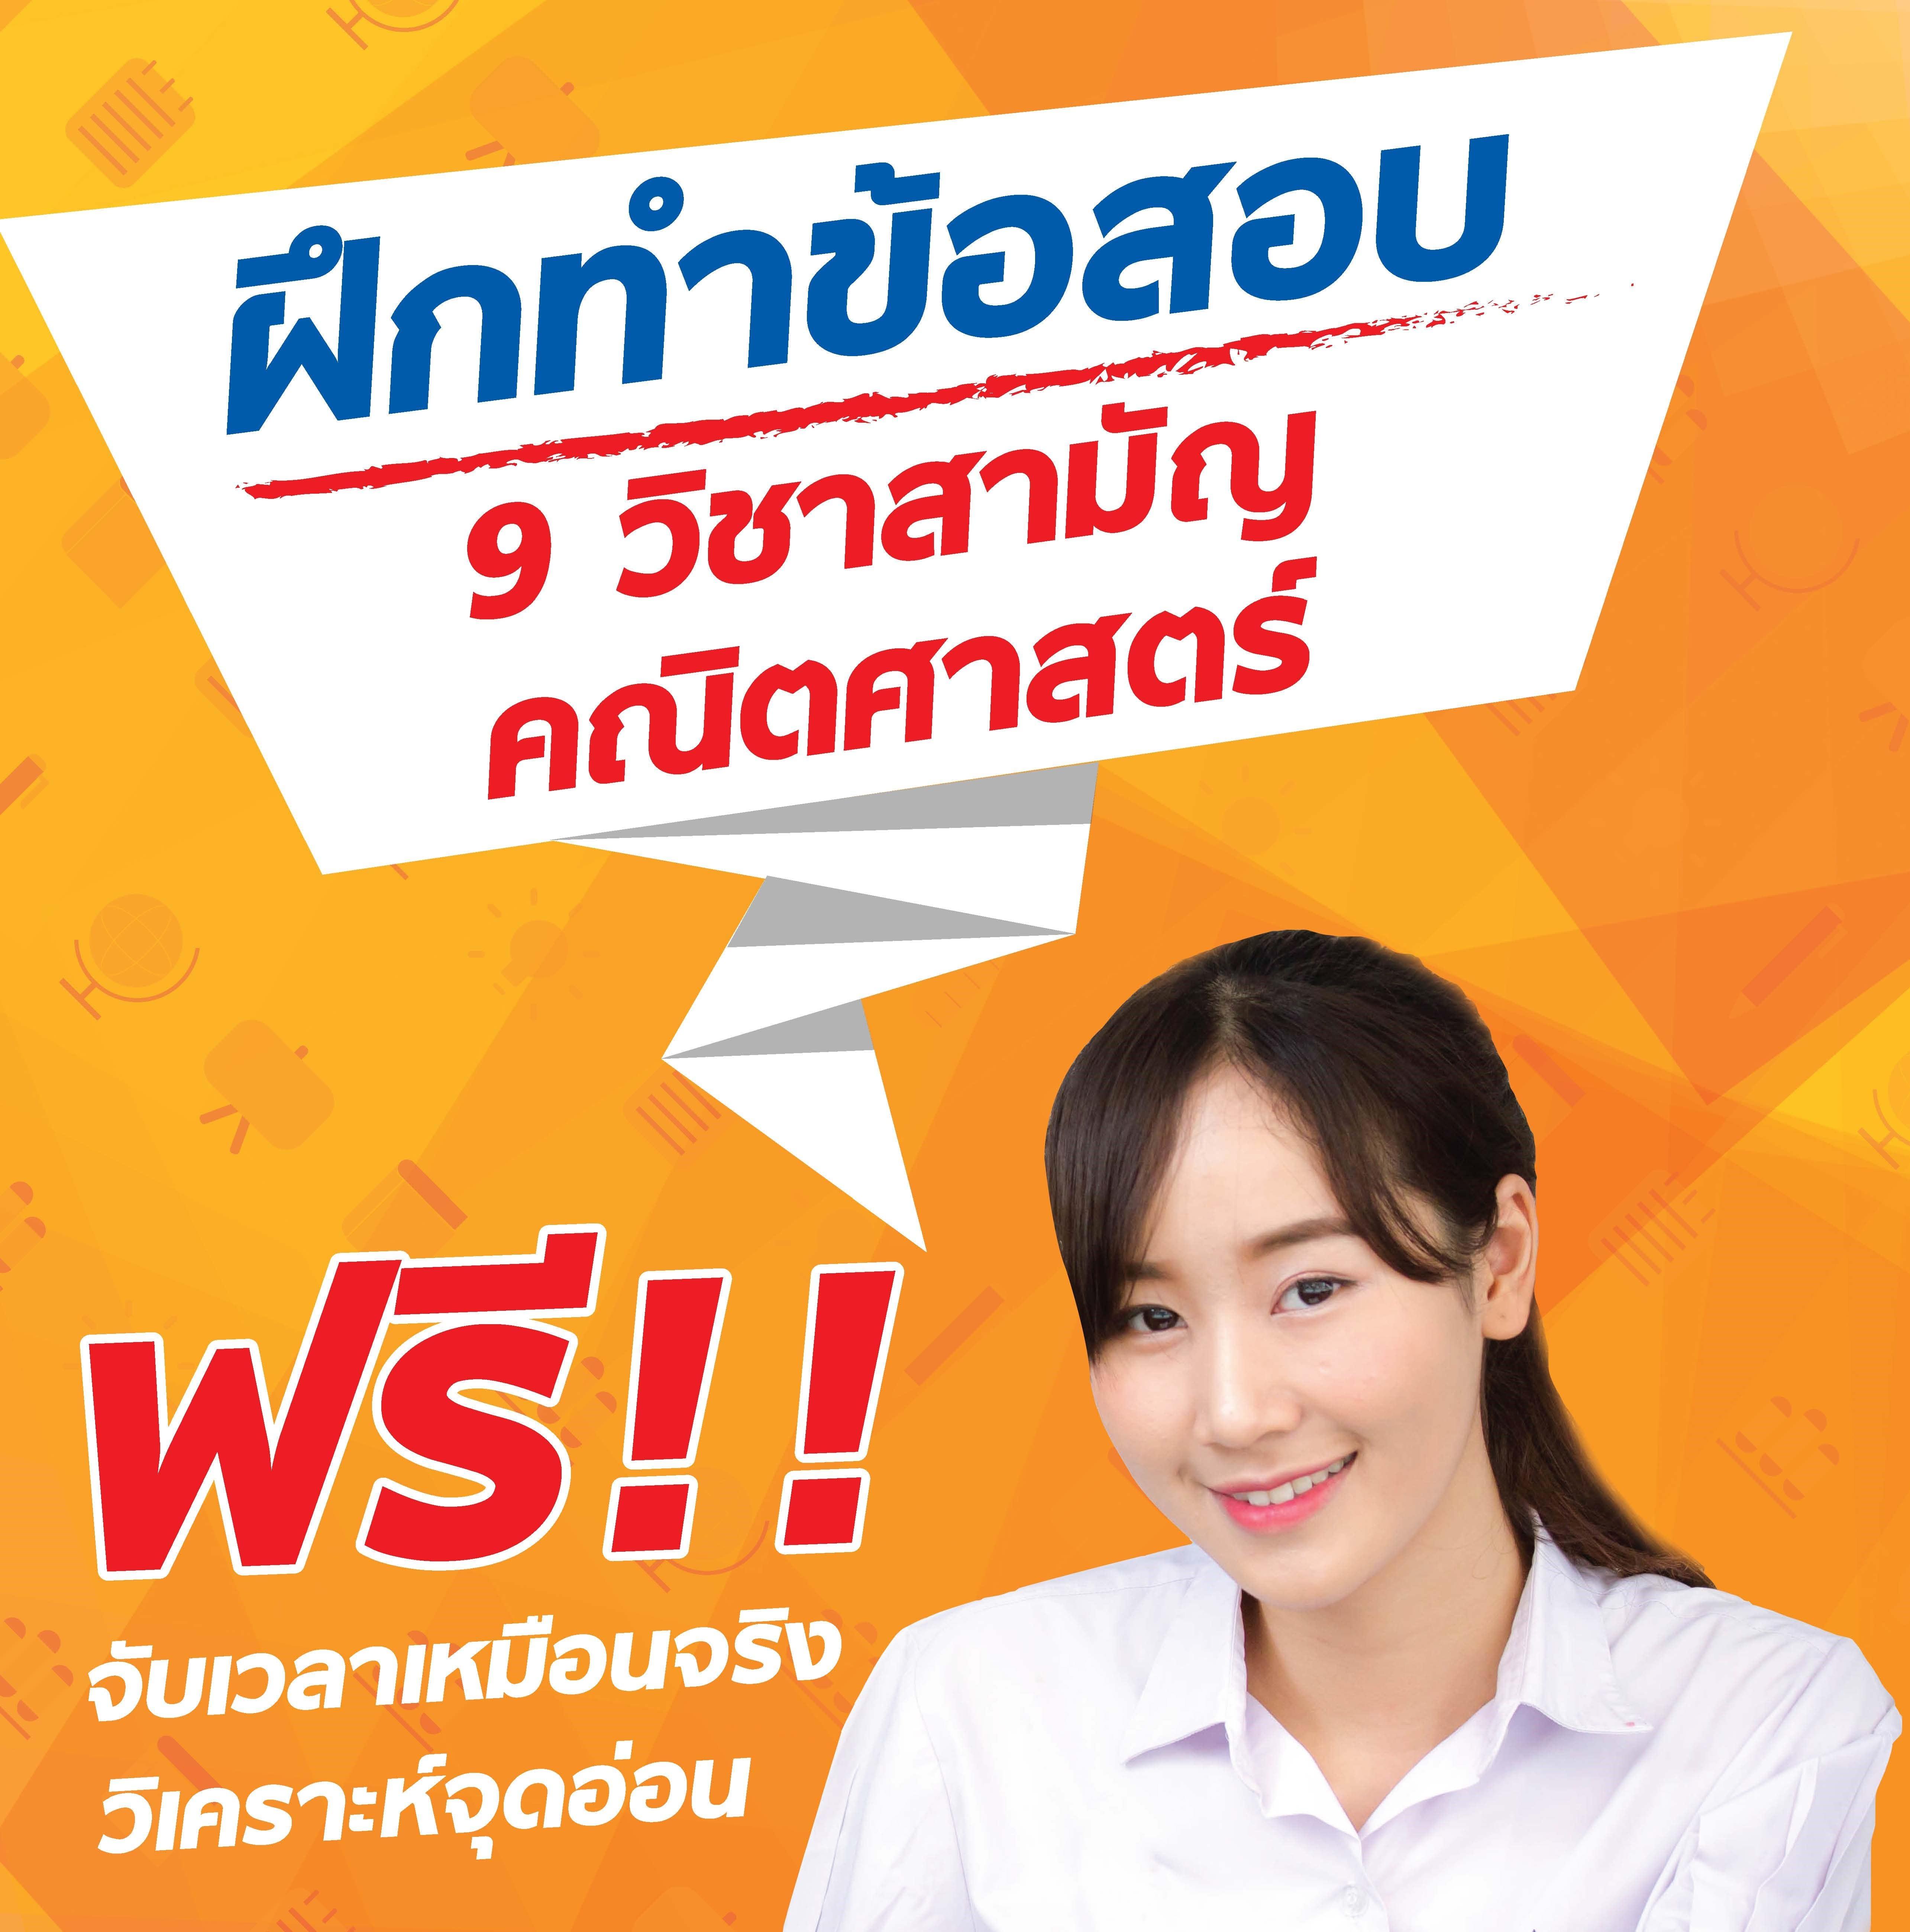 ฝึกทำข้อสอบ 9 วิชาสามัญ คณิตศาสตร์ ฟรี!!